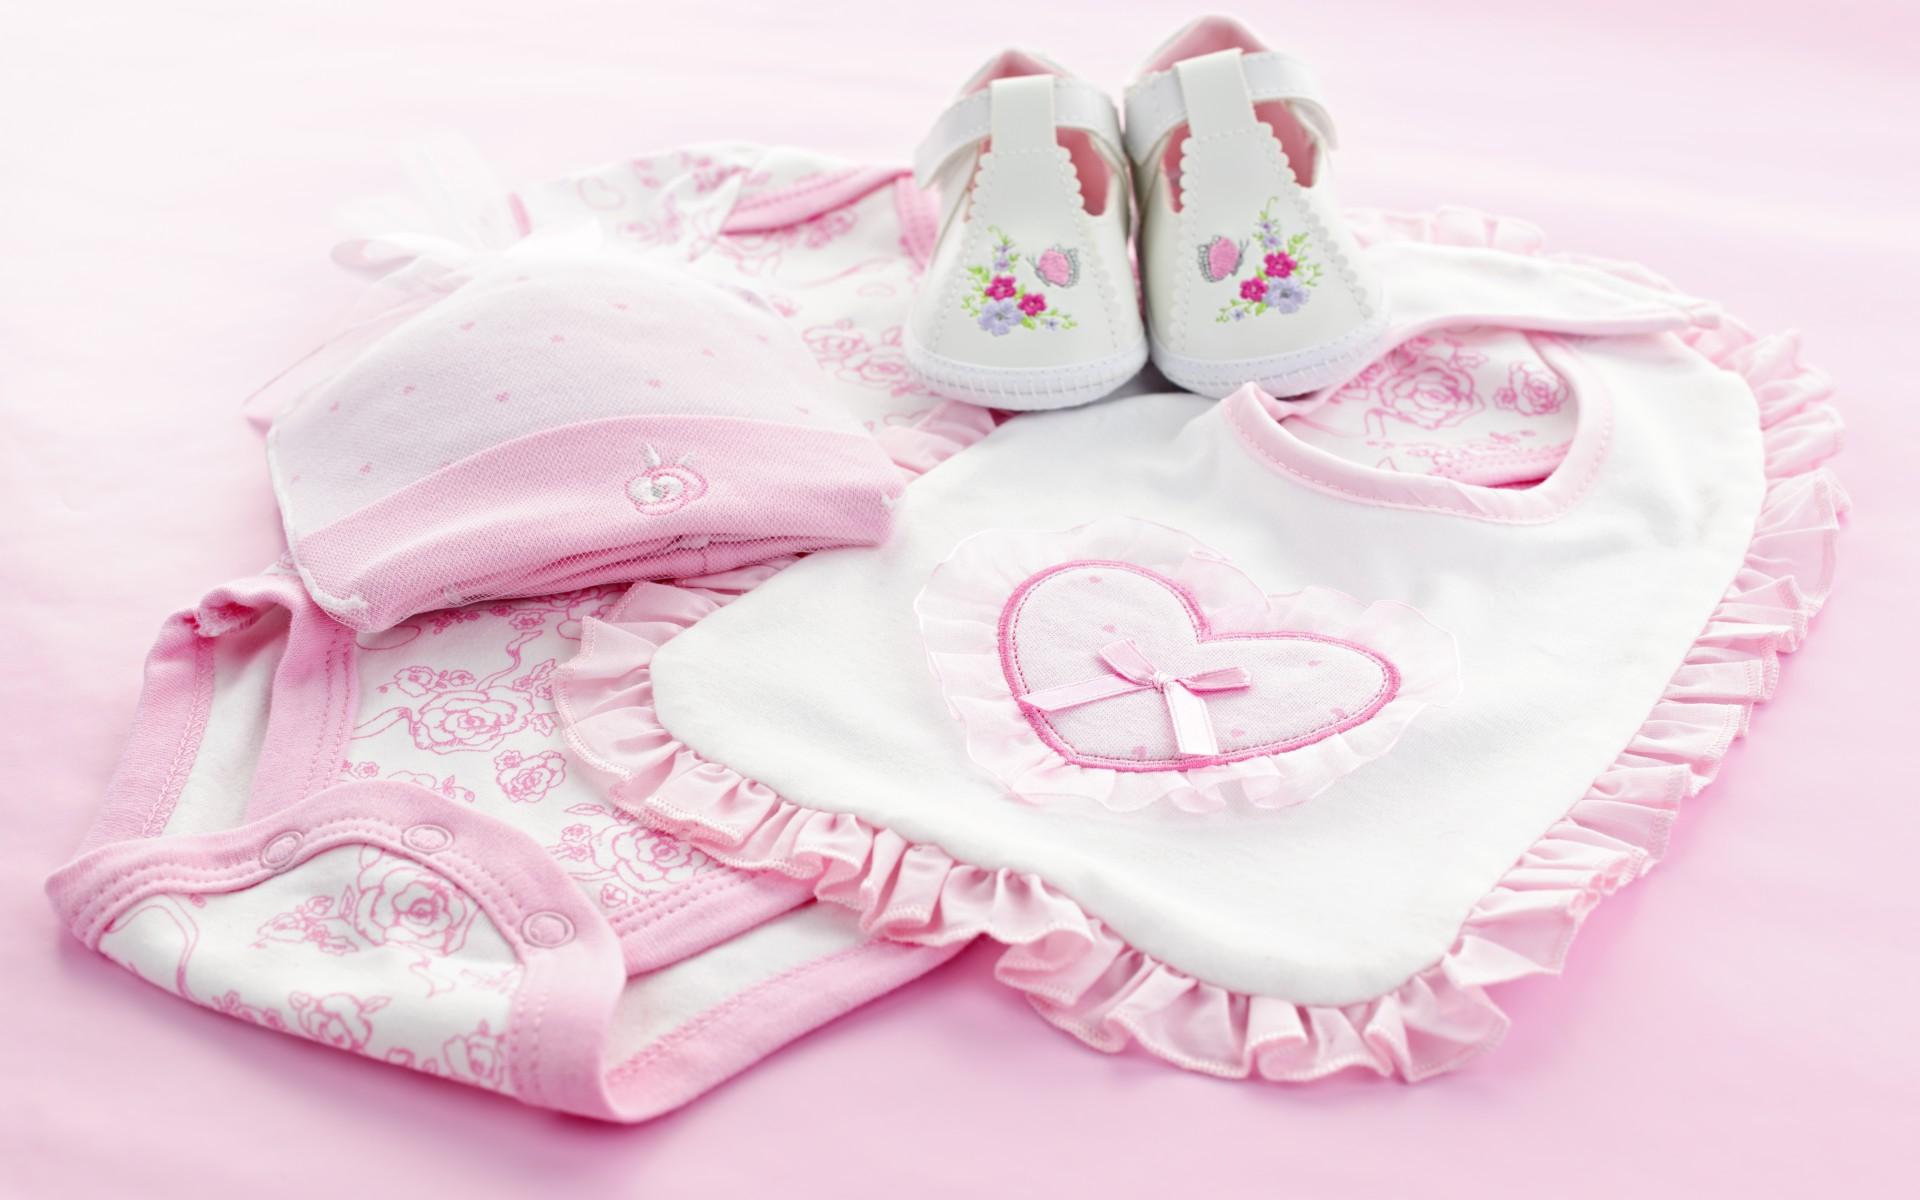 Organizzare un Baby shower: non solo torte di pannolini